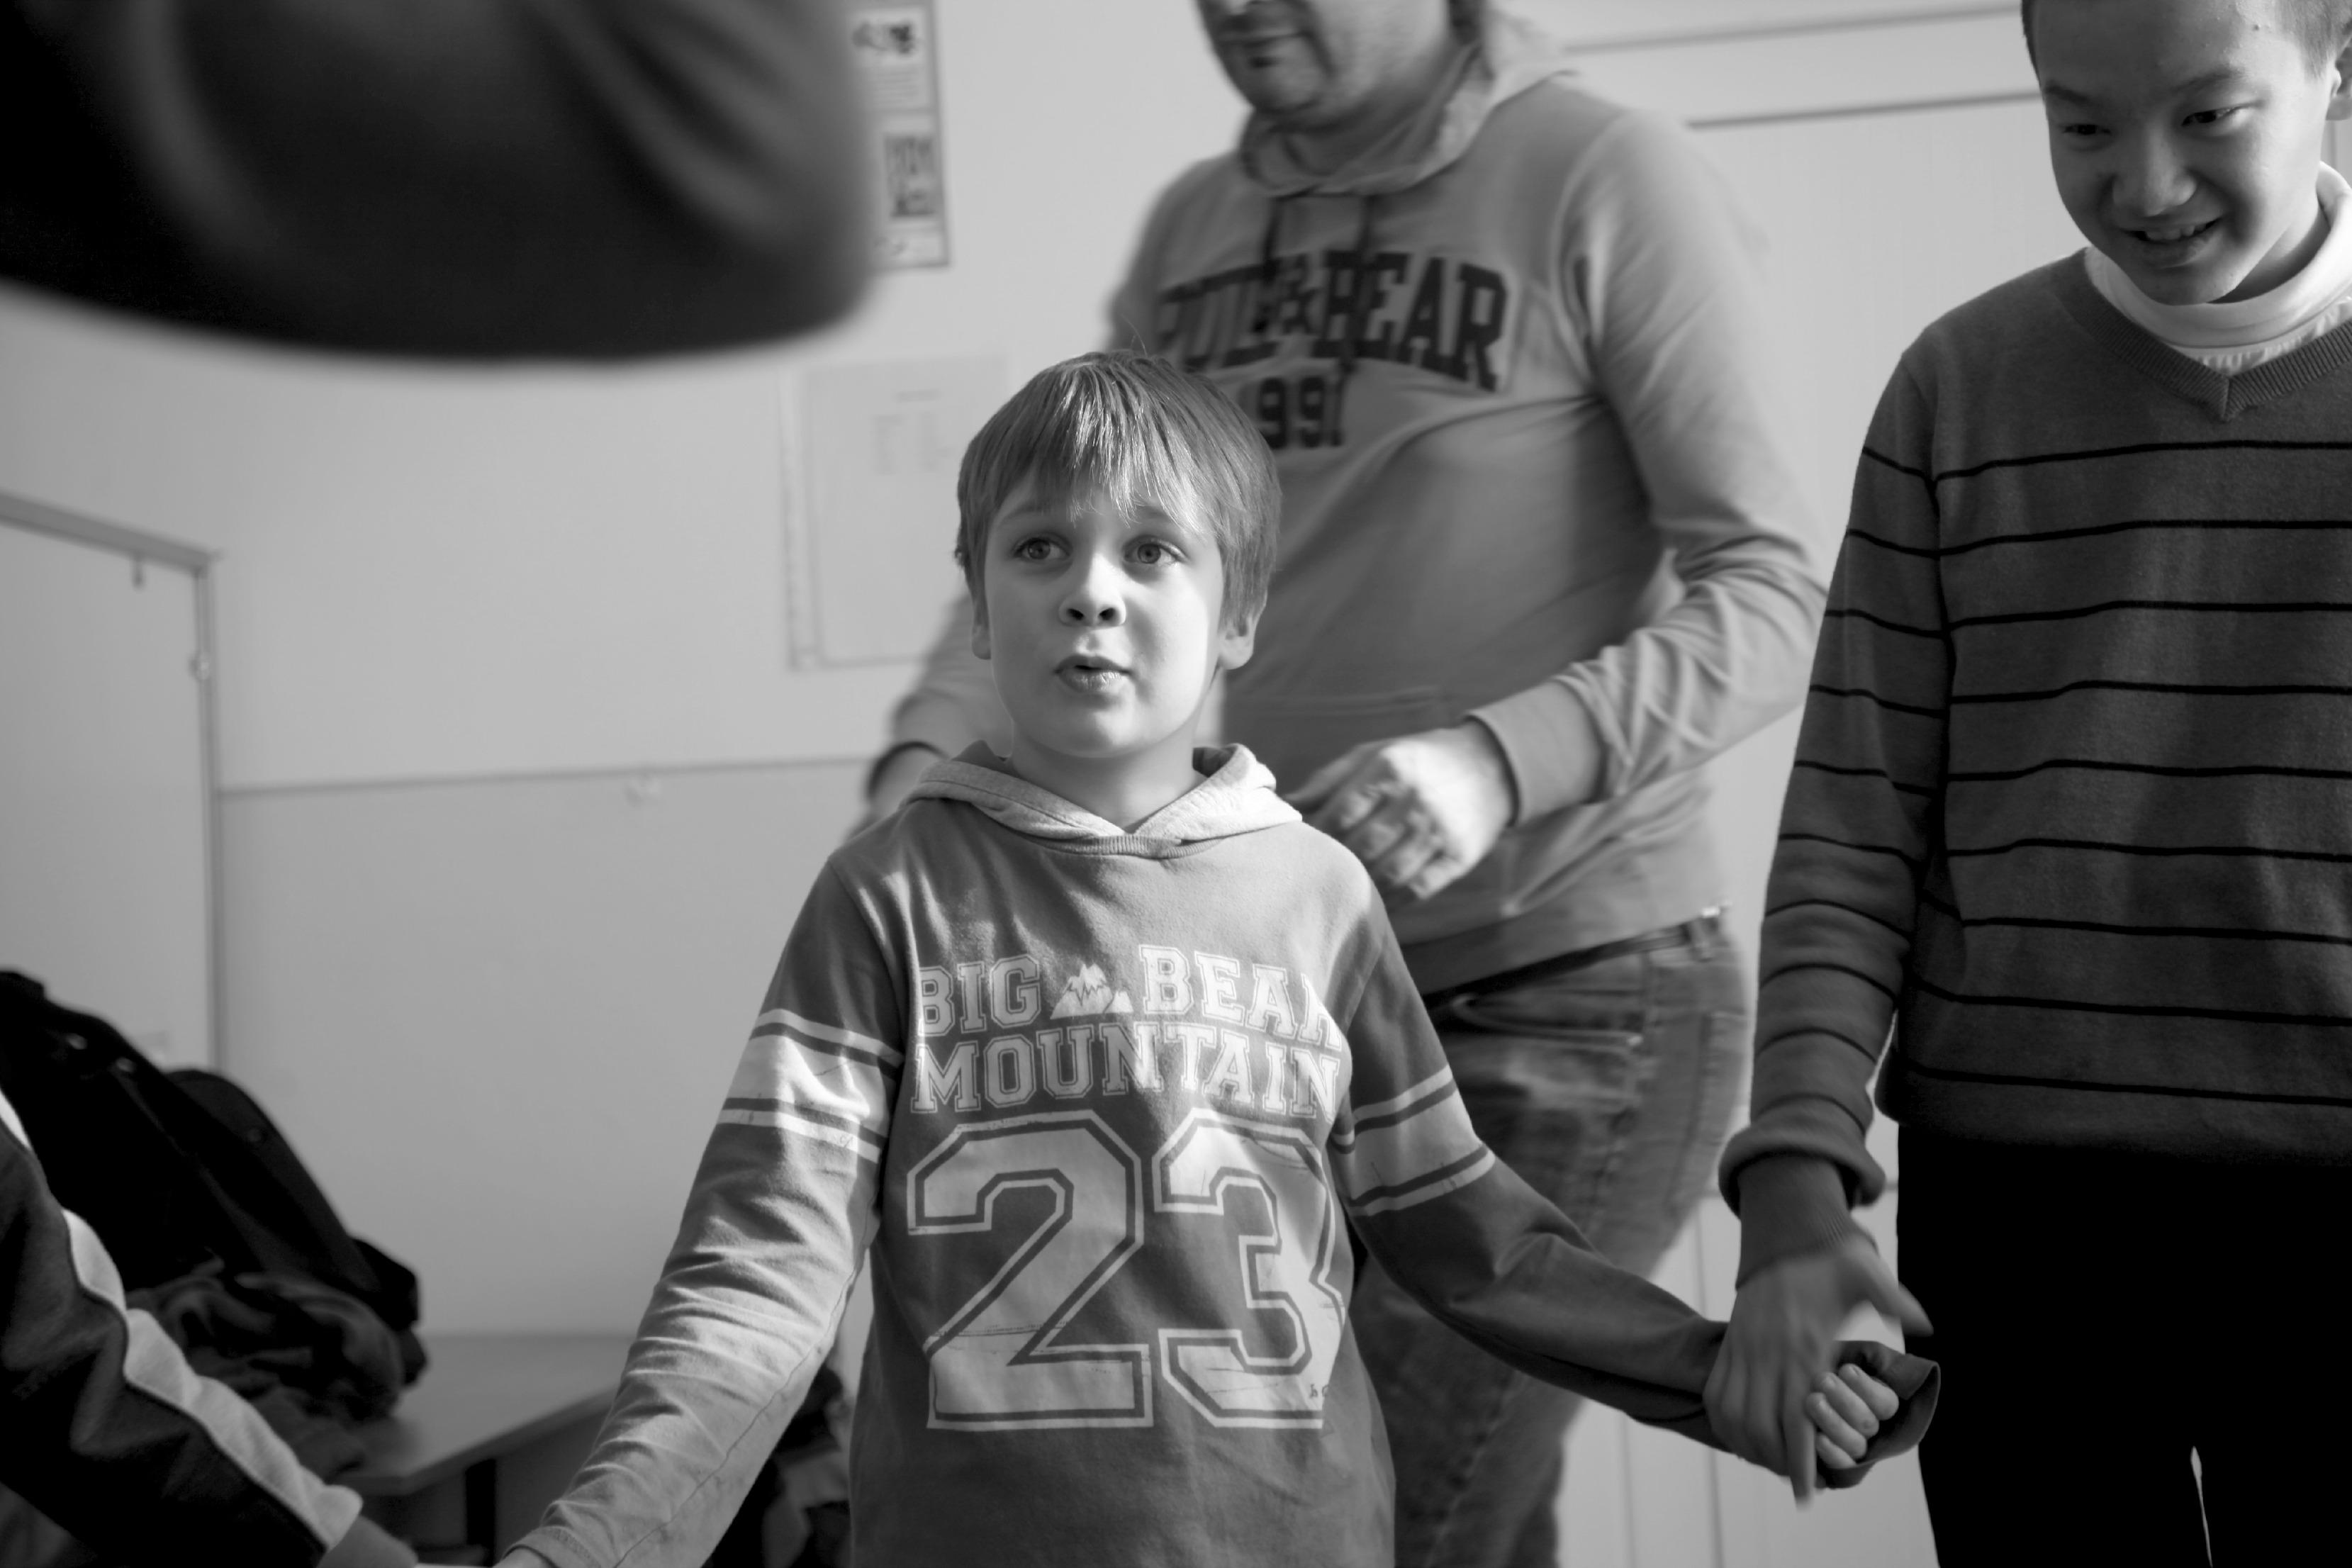 Омурбек (справа) периодически заходит в спецкласс и общается с другими детьми.